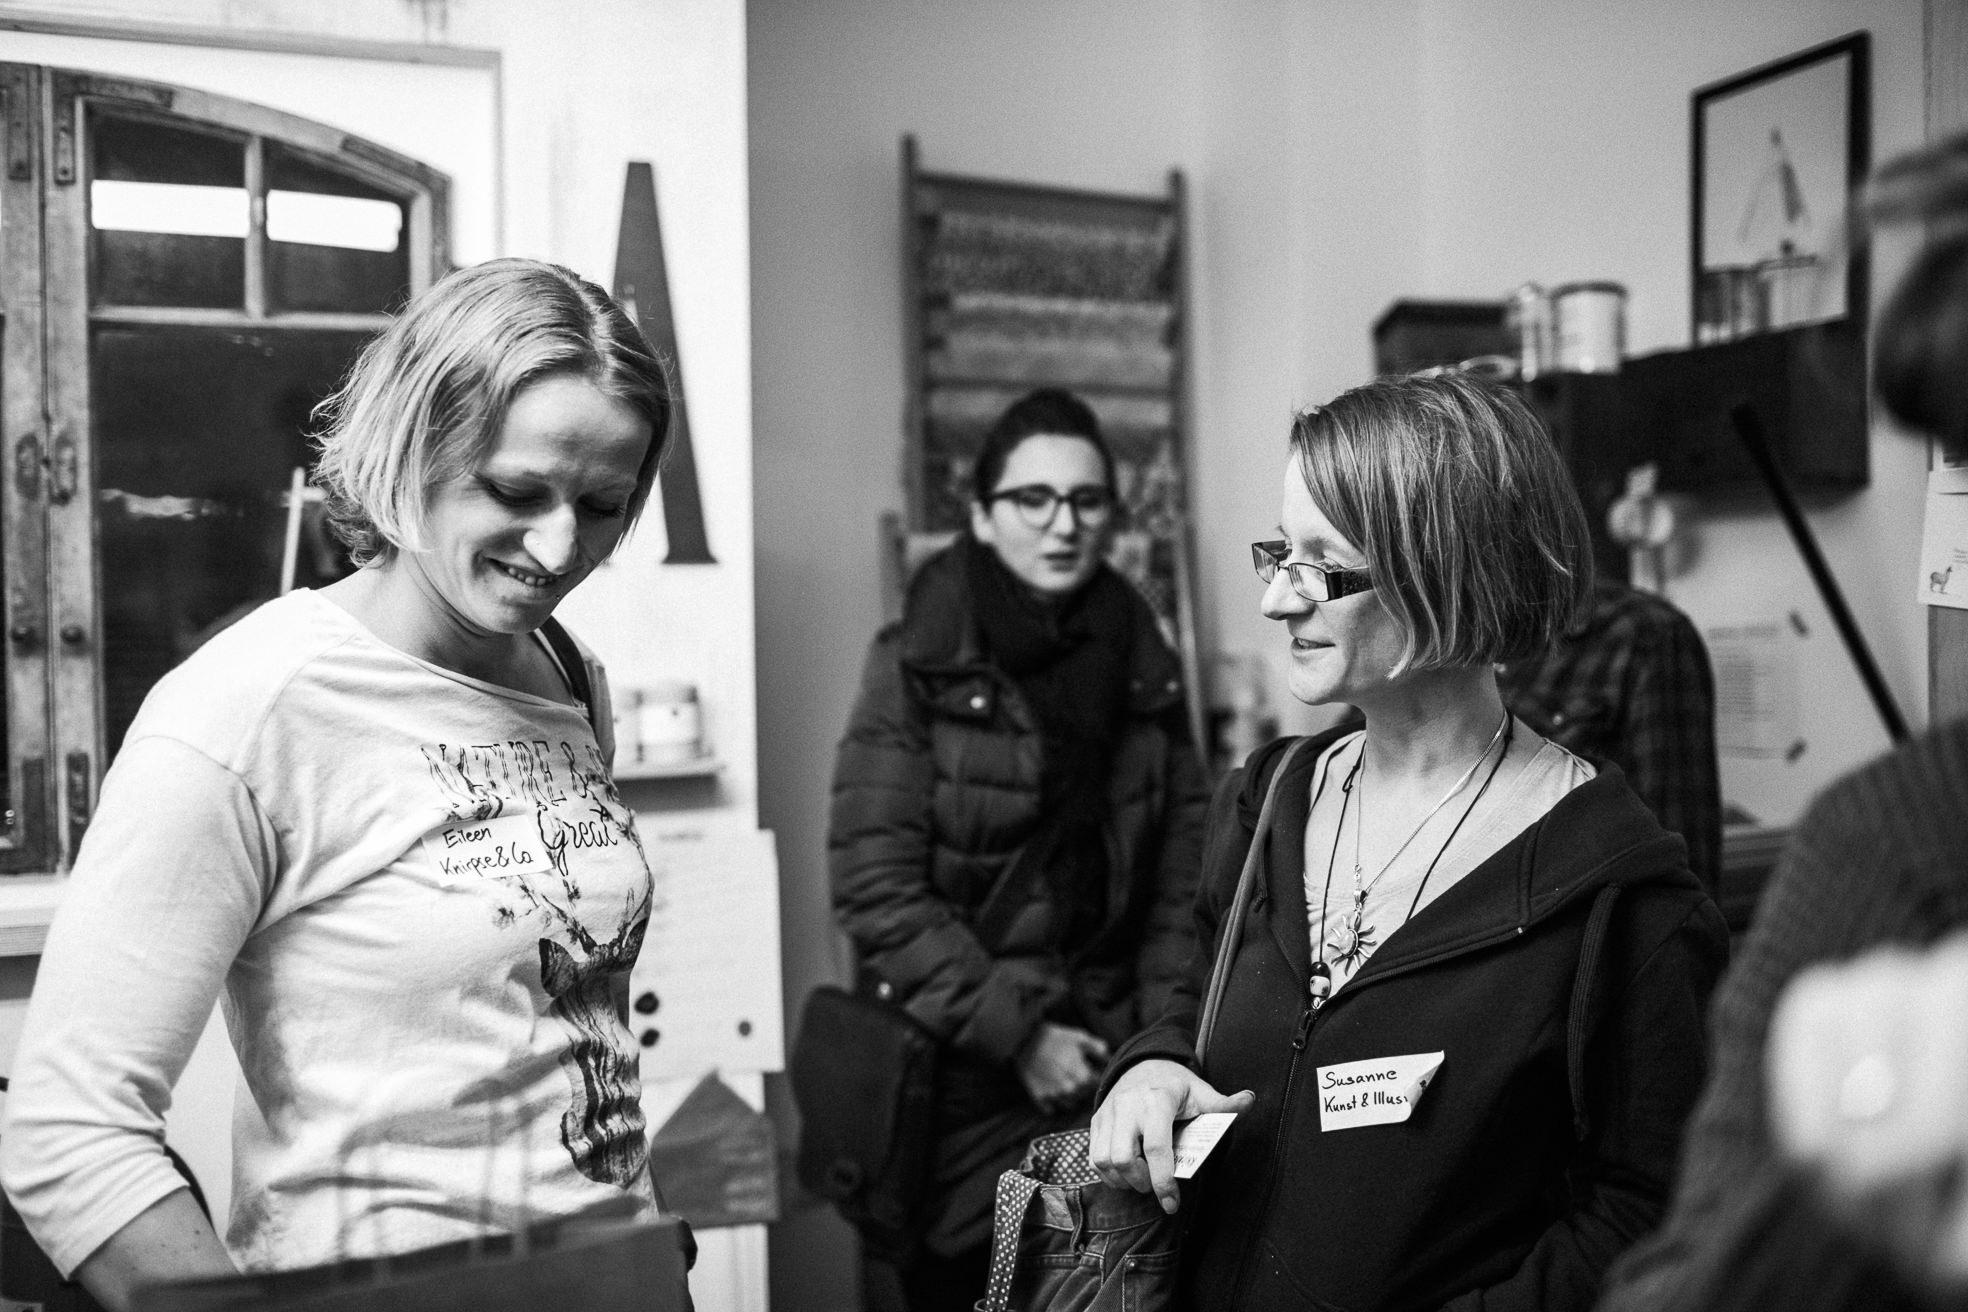 0099-Unternehmerinnen-Treffen-Anemoi--IM3C7026